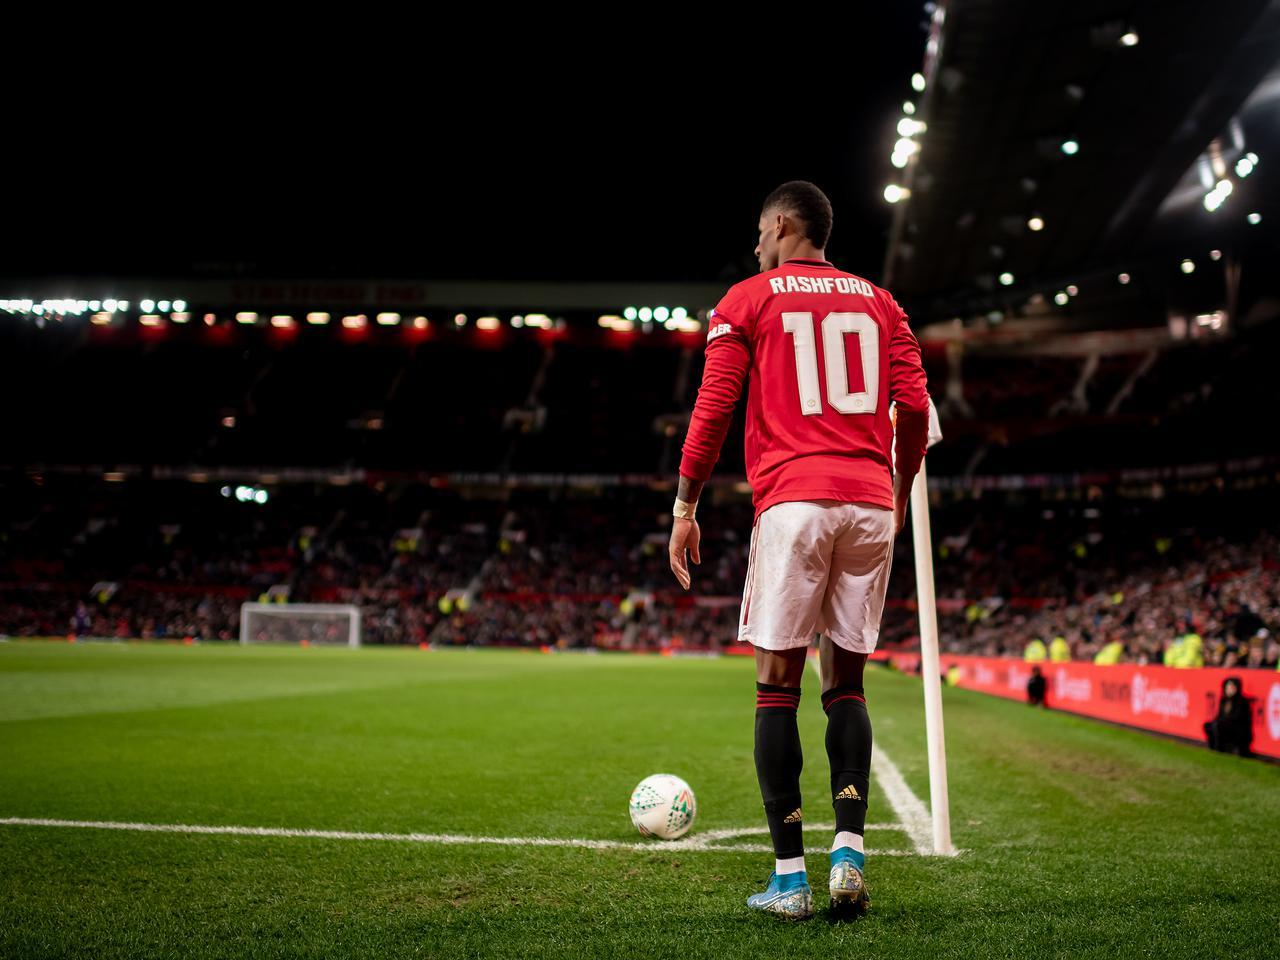 7 trận chính thức liên tiếp của Man United đều nổ tài góc hiệp 1